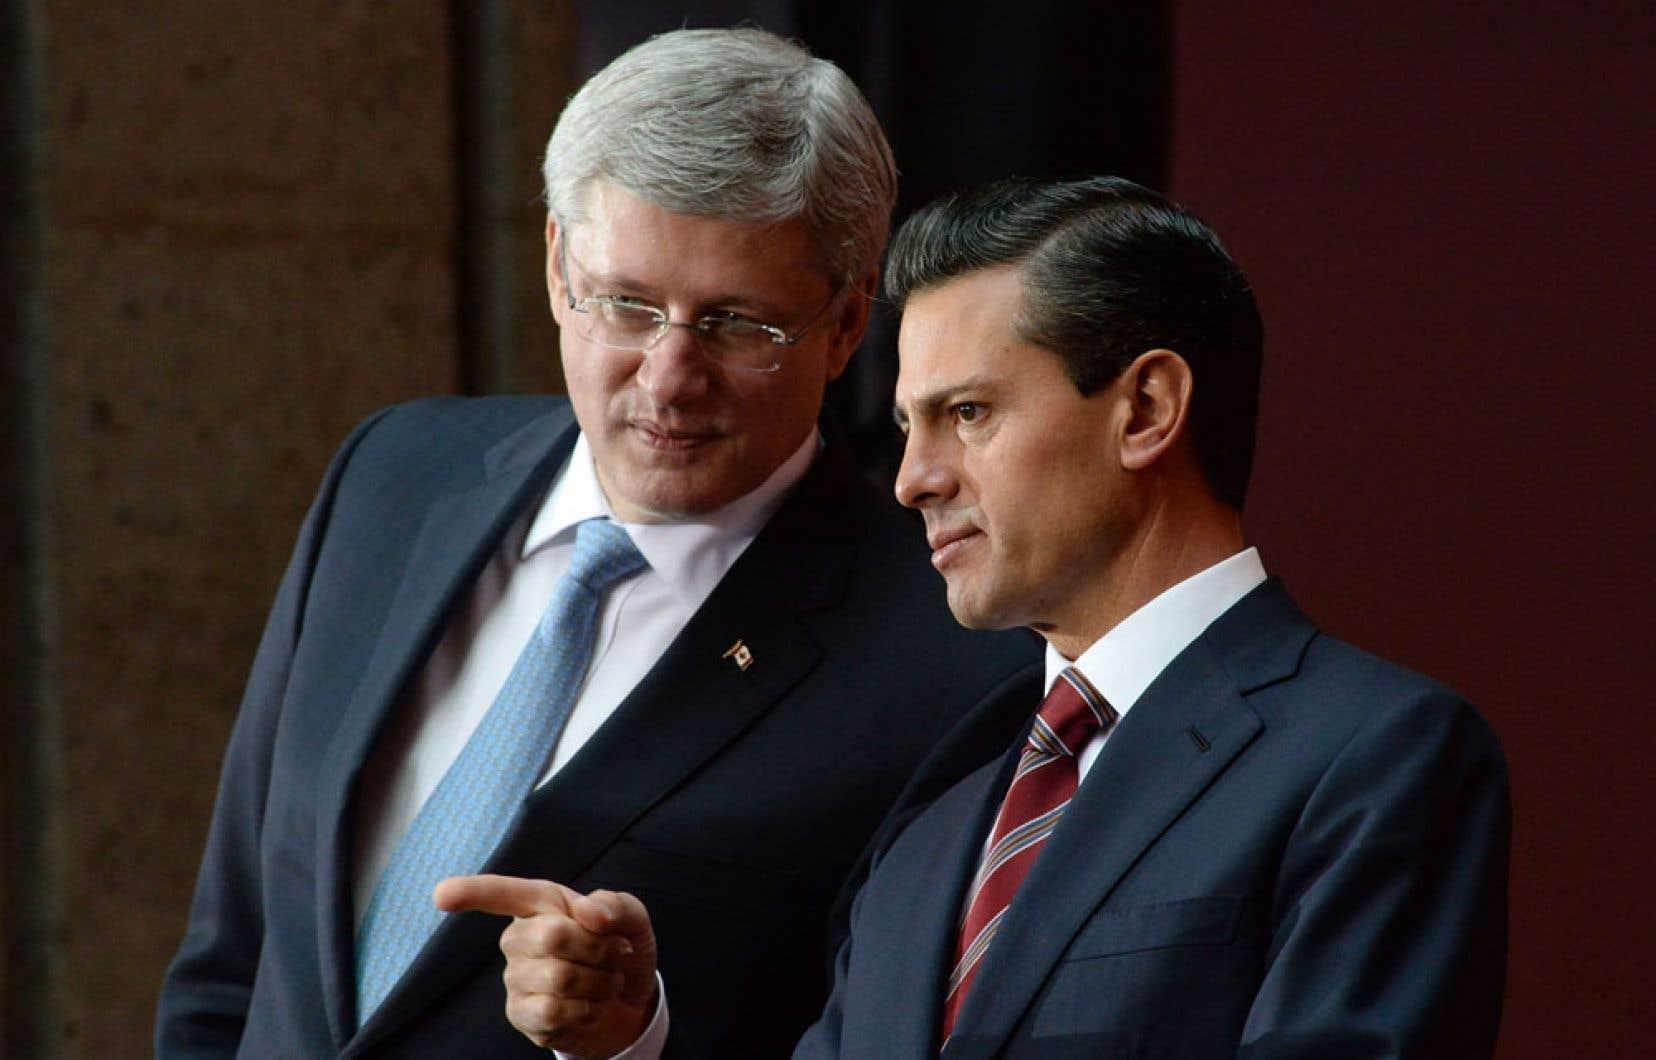 En visite à Mexico où il a été accueilli par le président Enrique Pena Nieto, le premier ministre du Canada, Stephen Harper, a indiqué que ses hôtes n'offraient pas les garanties nécessaires pour qu'il autorise la levée des visas obligatoires pour les visiteurs en provenance du Mexique.